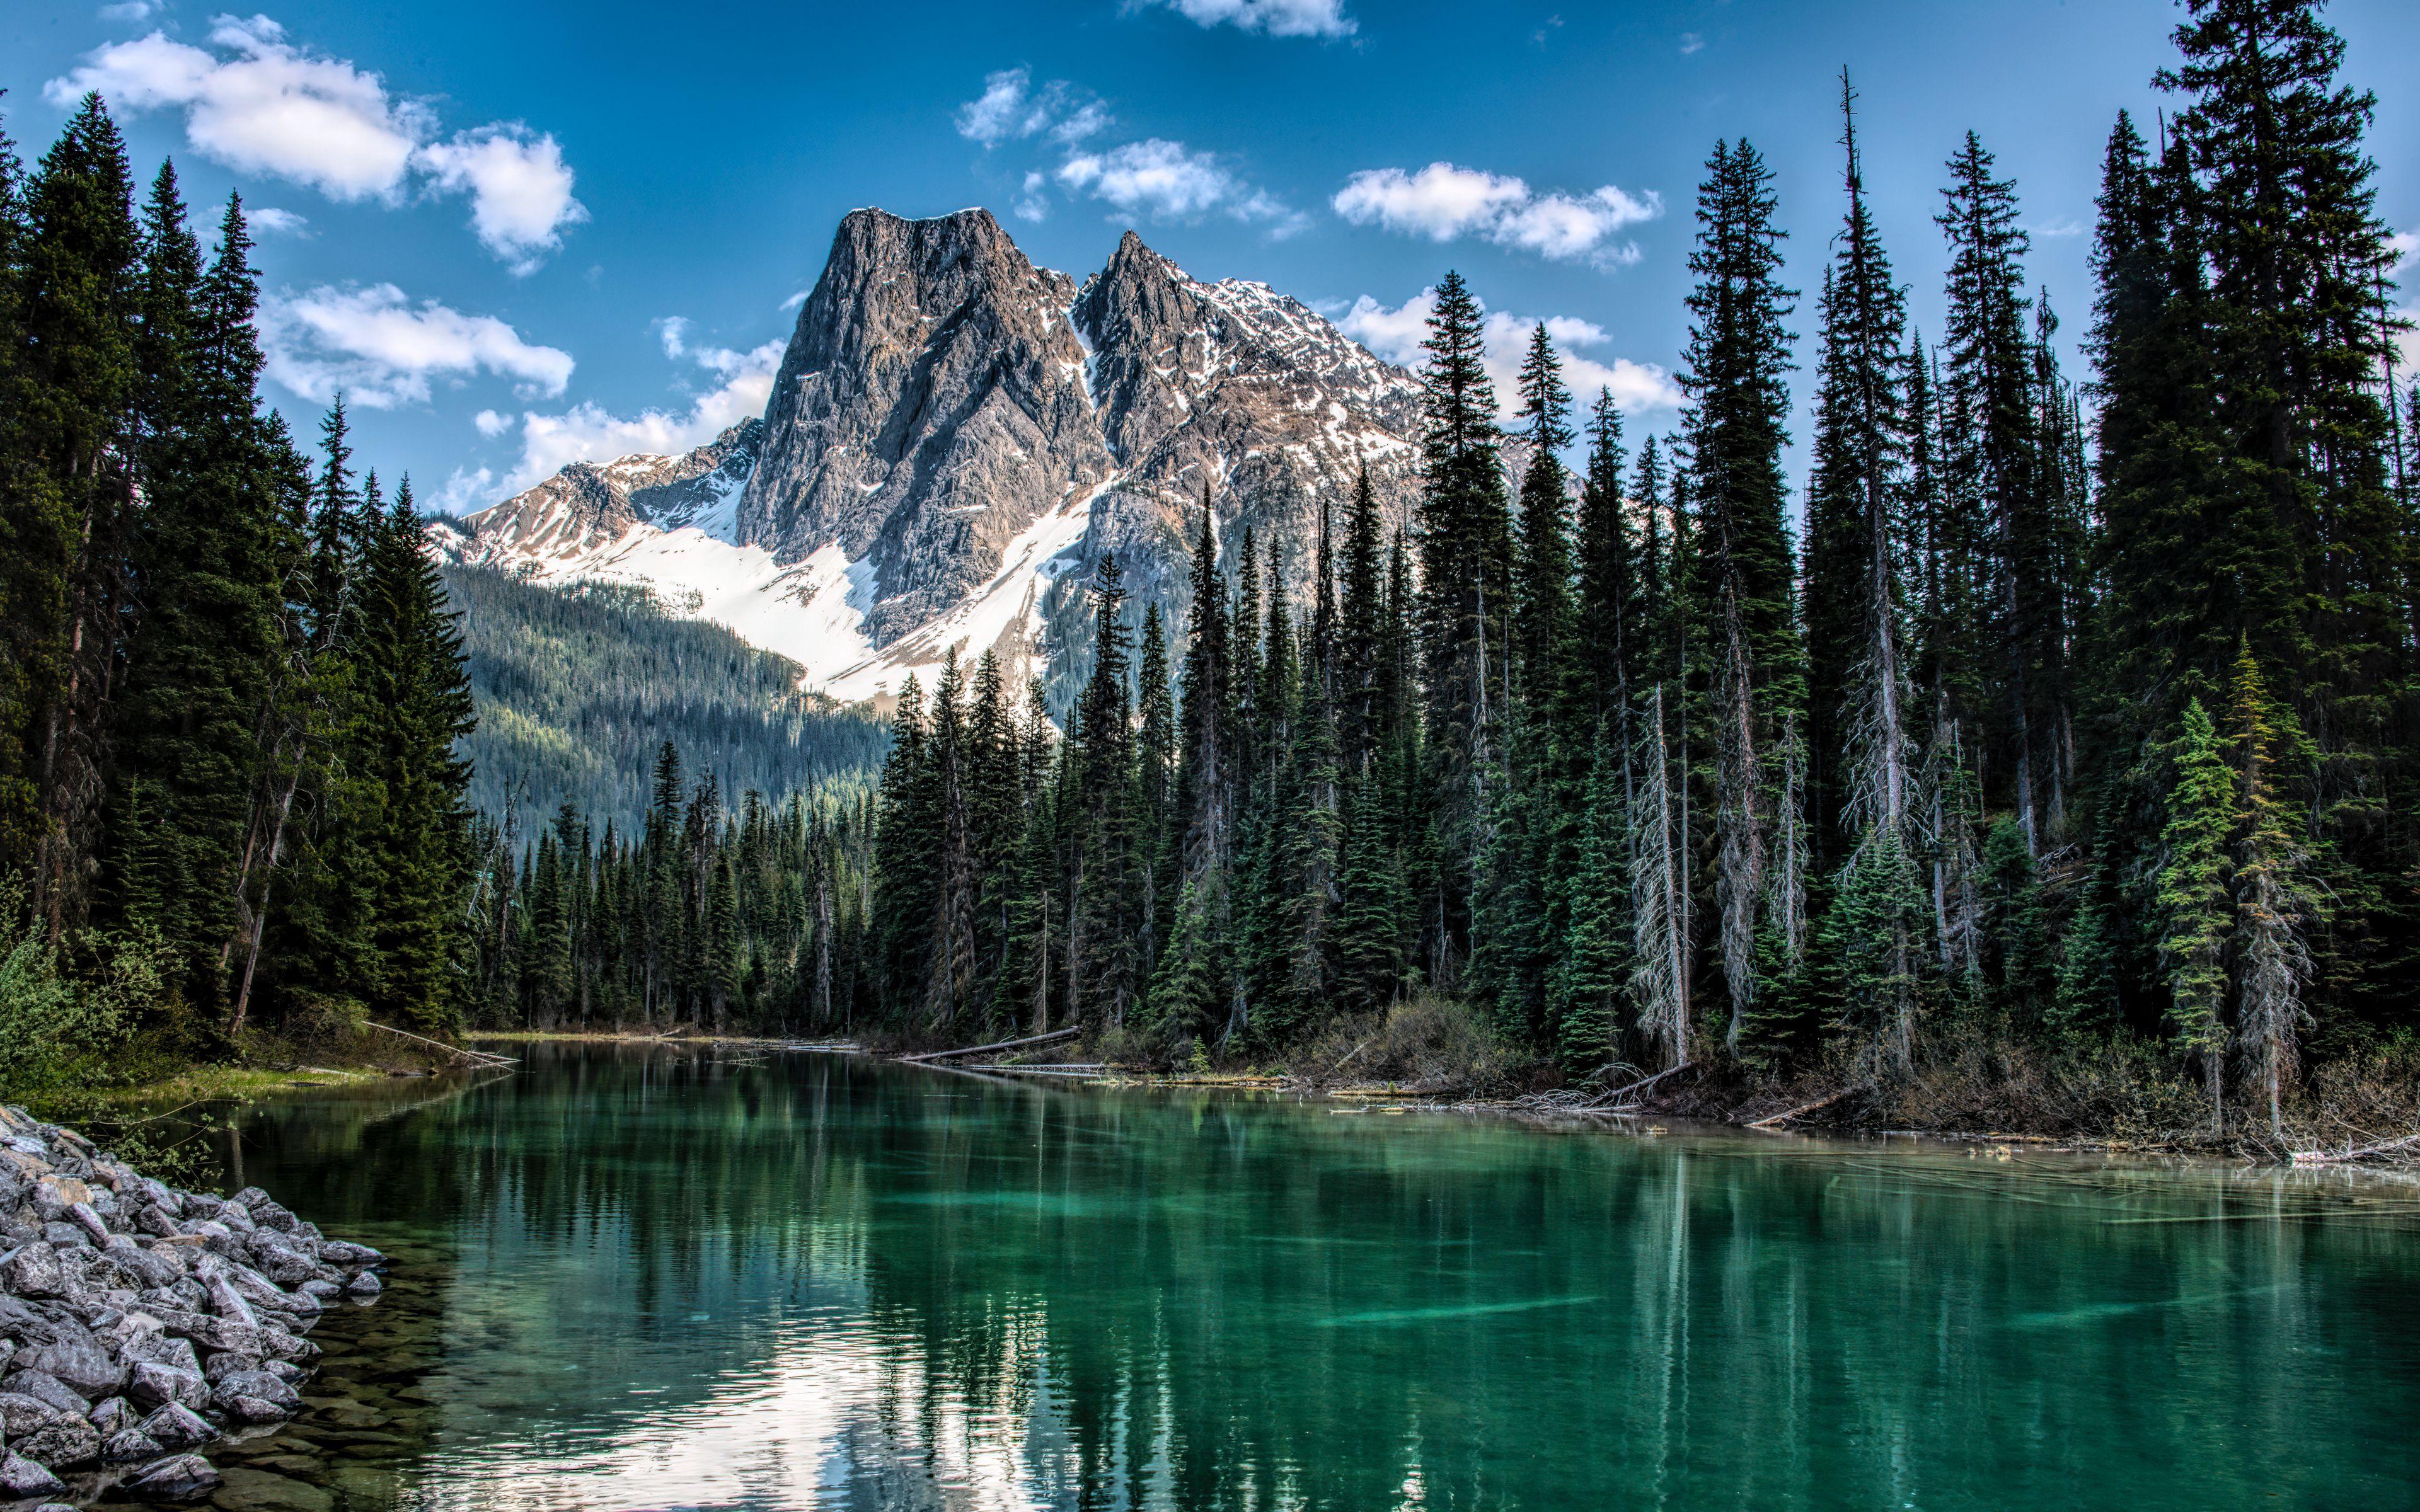 Fondos de pantalla Montaña en bosque